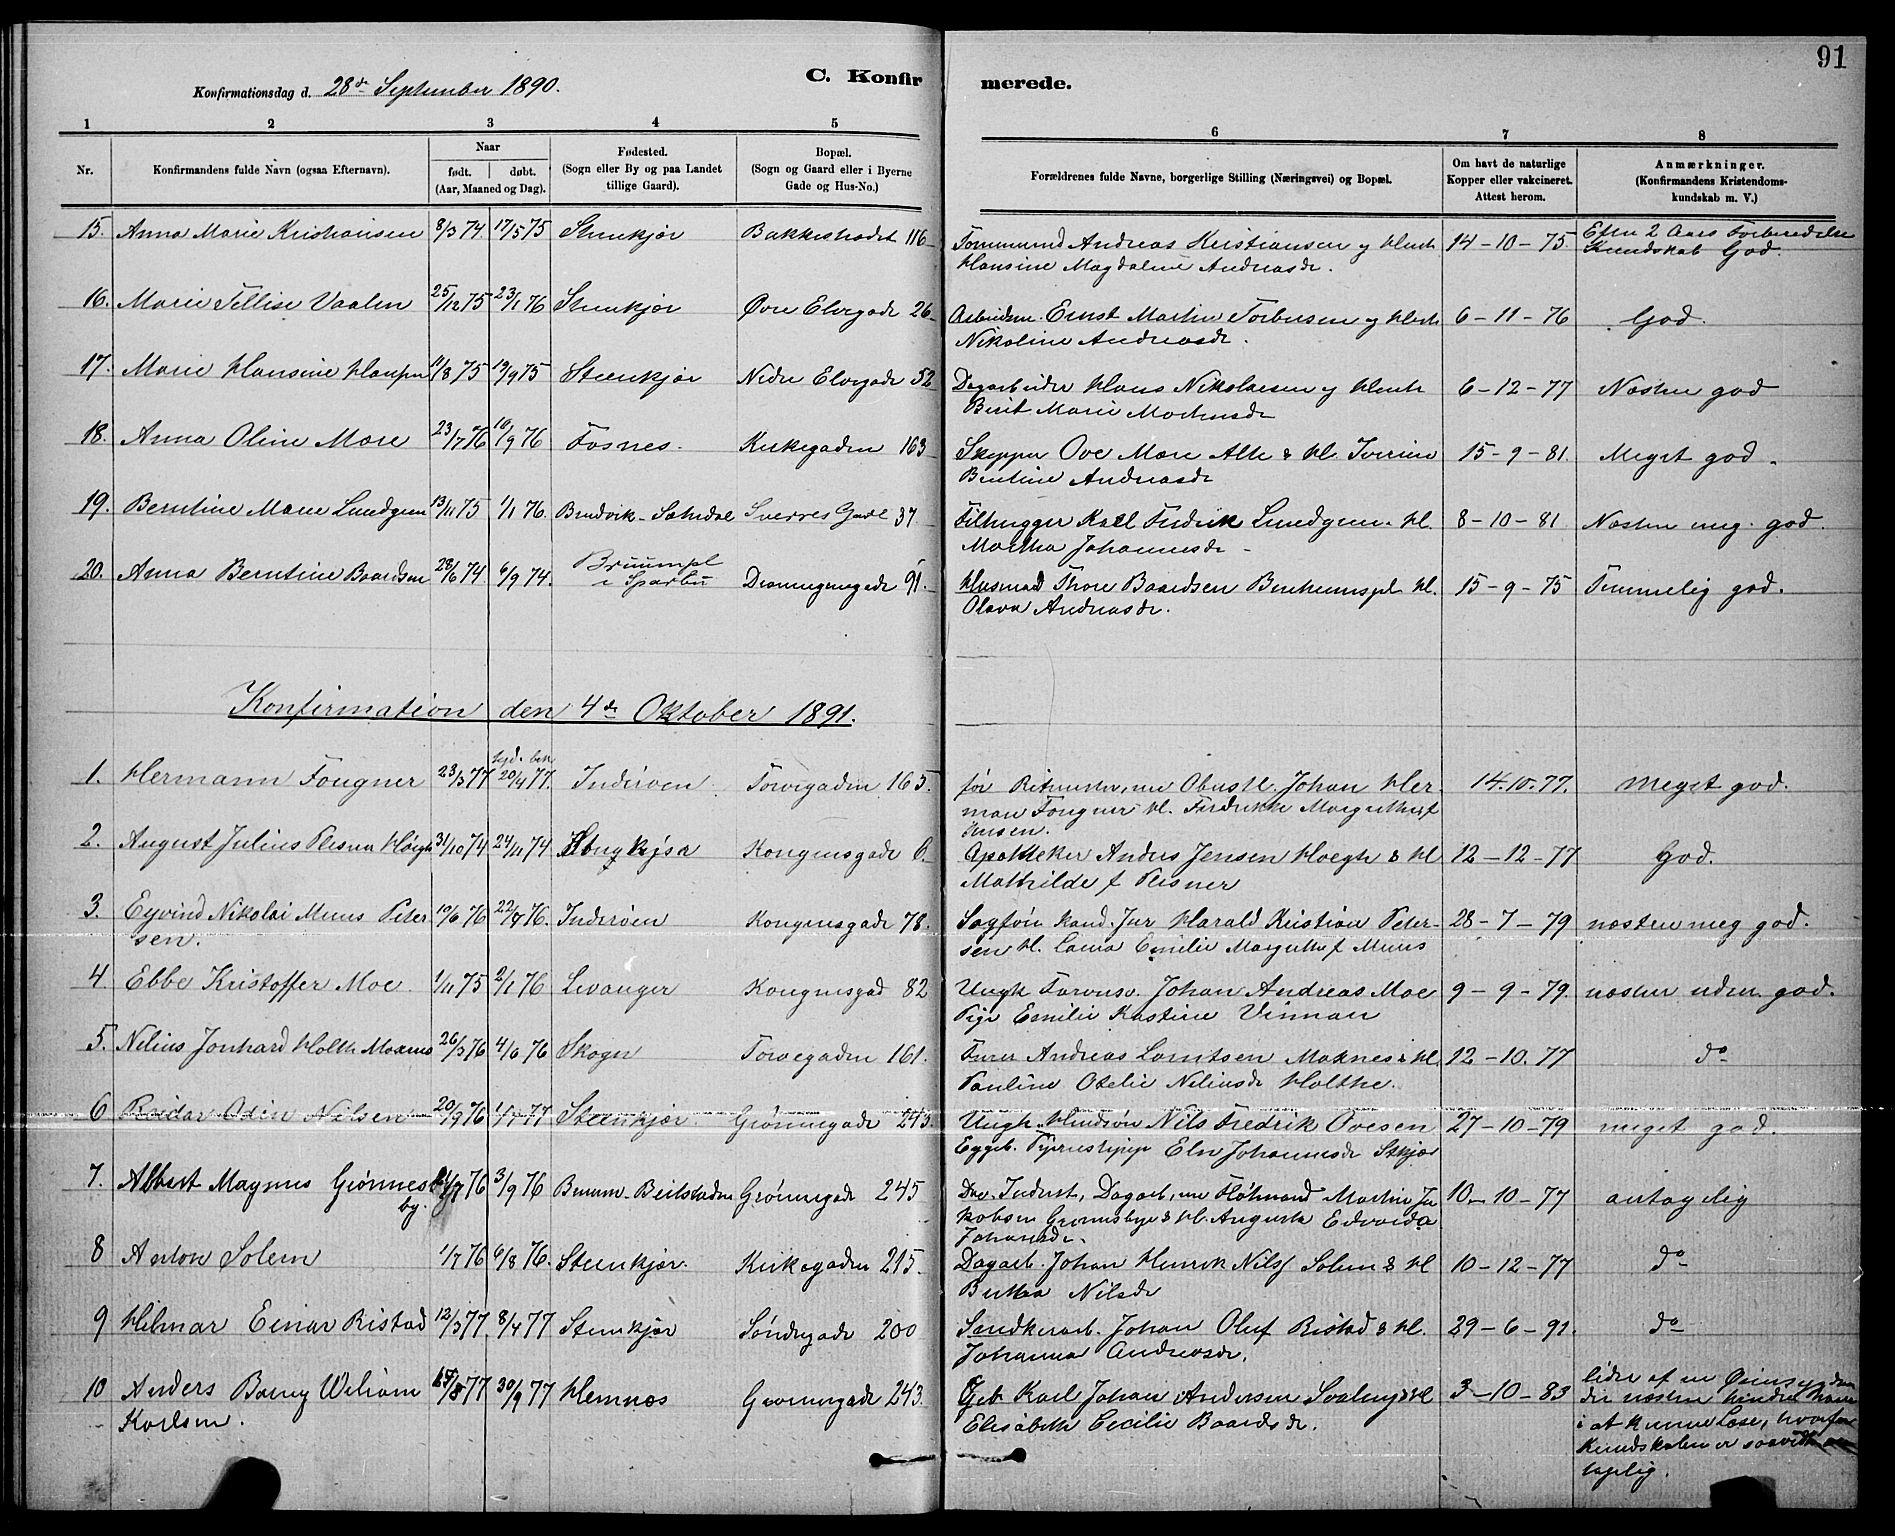 SAT, Ministerialprotokoller, klokkerbøker og fødselsregistre - Nord-Trøndelag, 739/L0374: Klokkerbok nr. 739C02, 1883-1898, s. 91